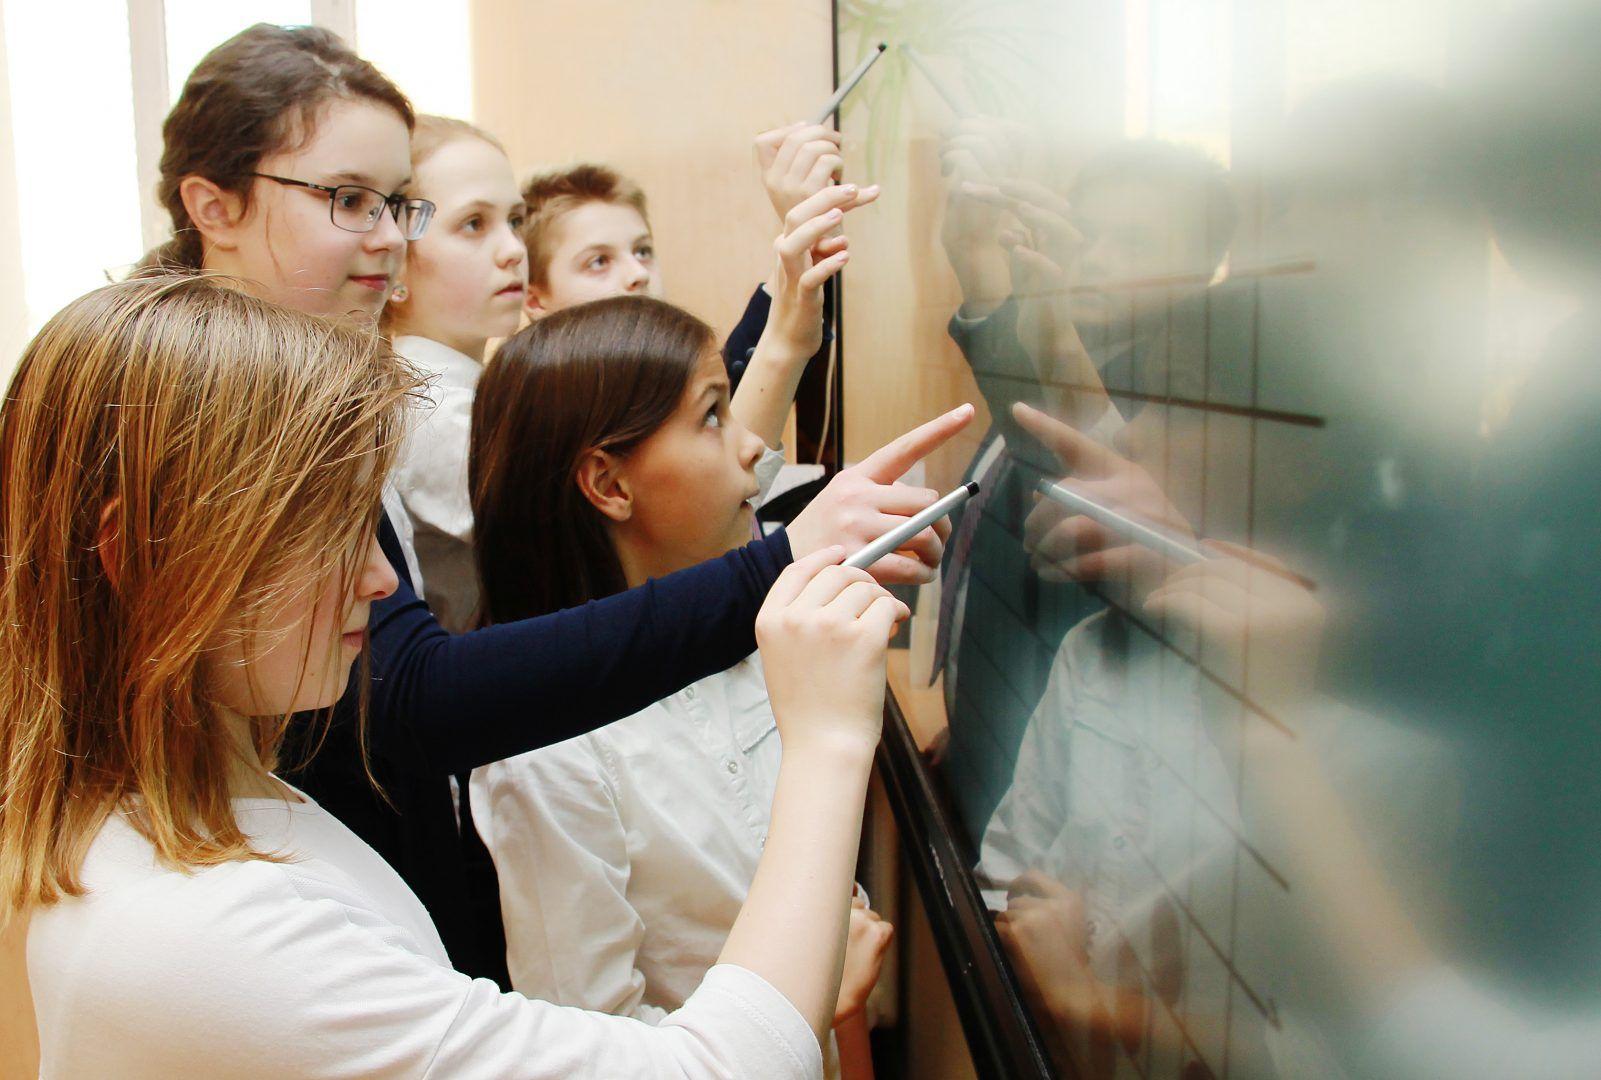 Детям из Краснопахорского расскажут об экологии. Фото: Наталия Нечаева «Вечерняя Москва»